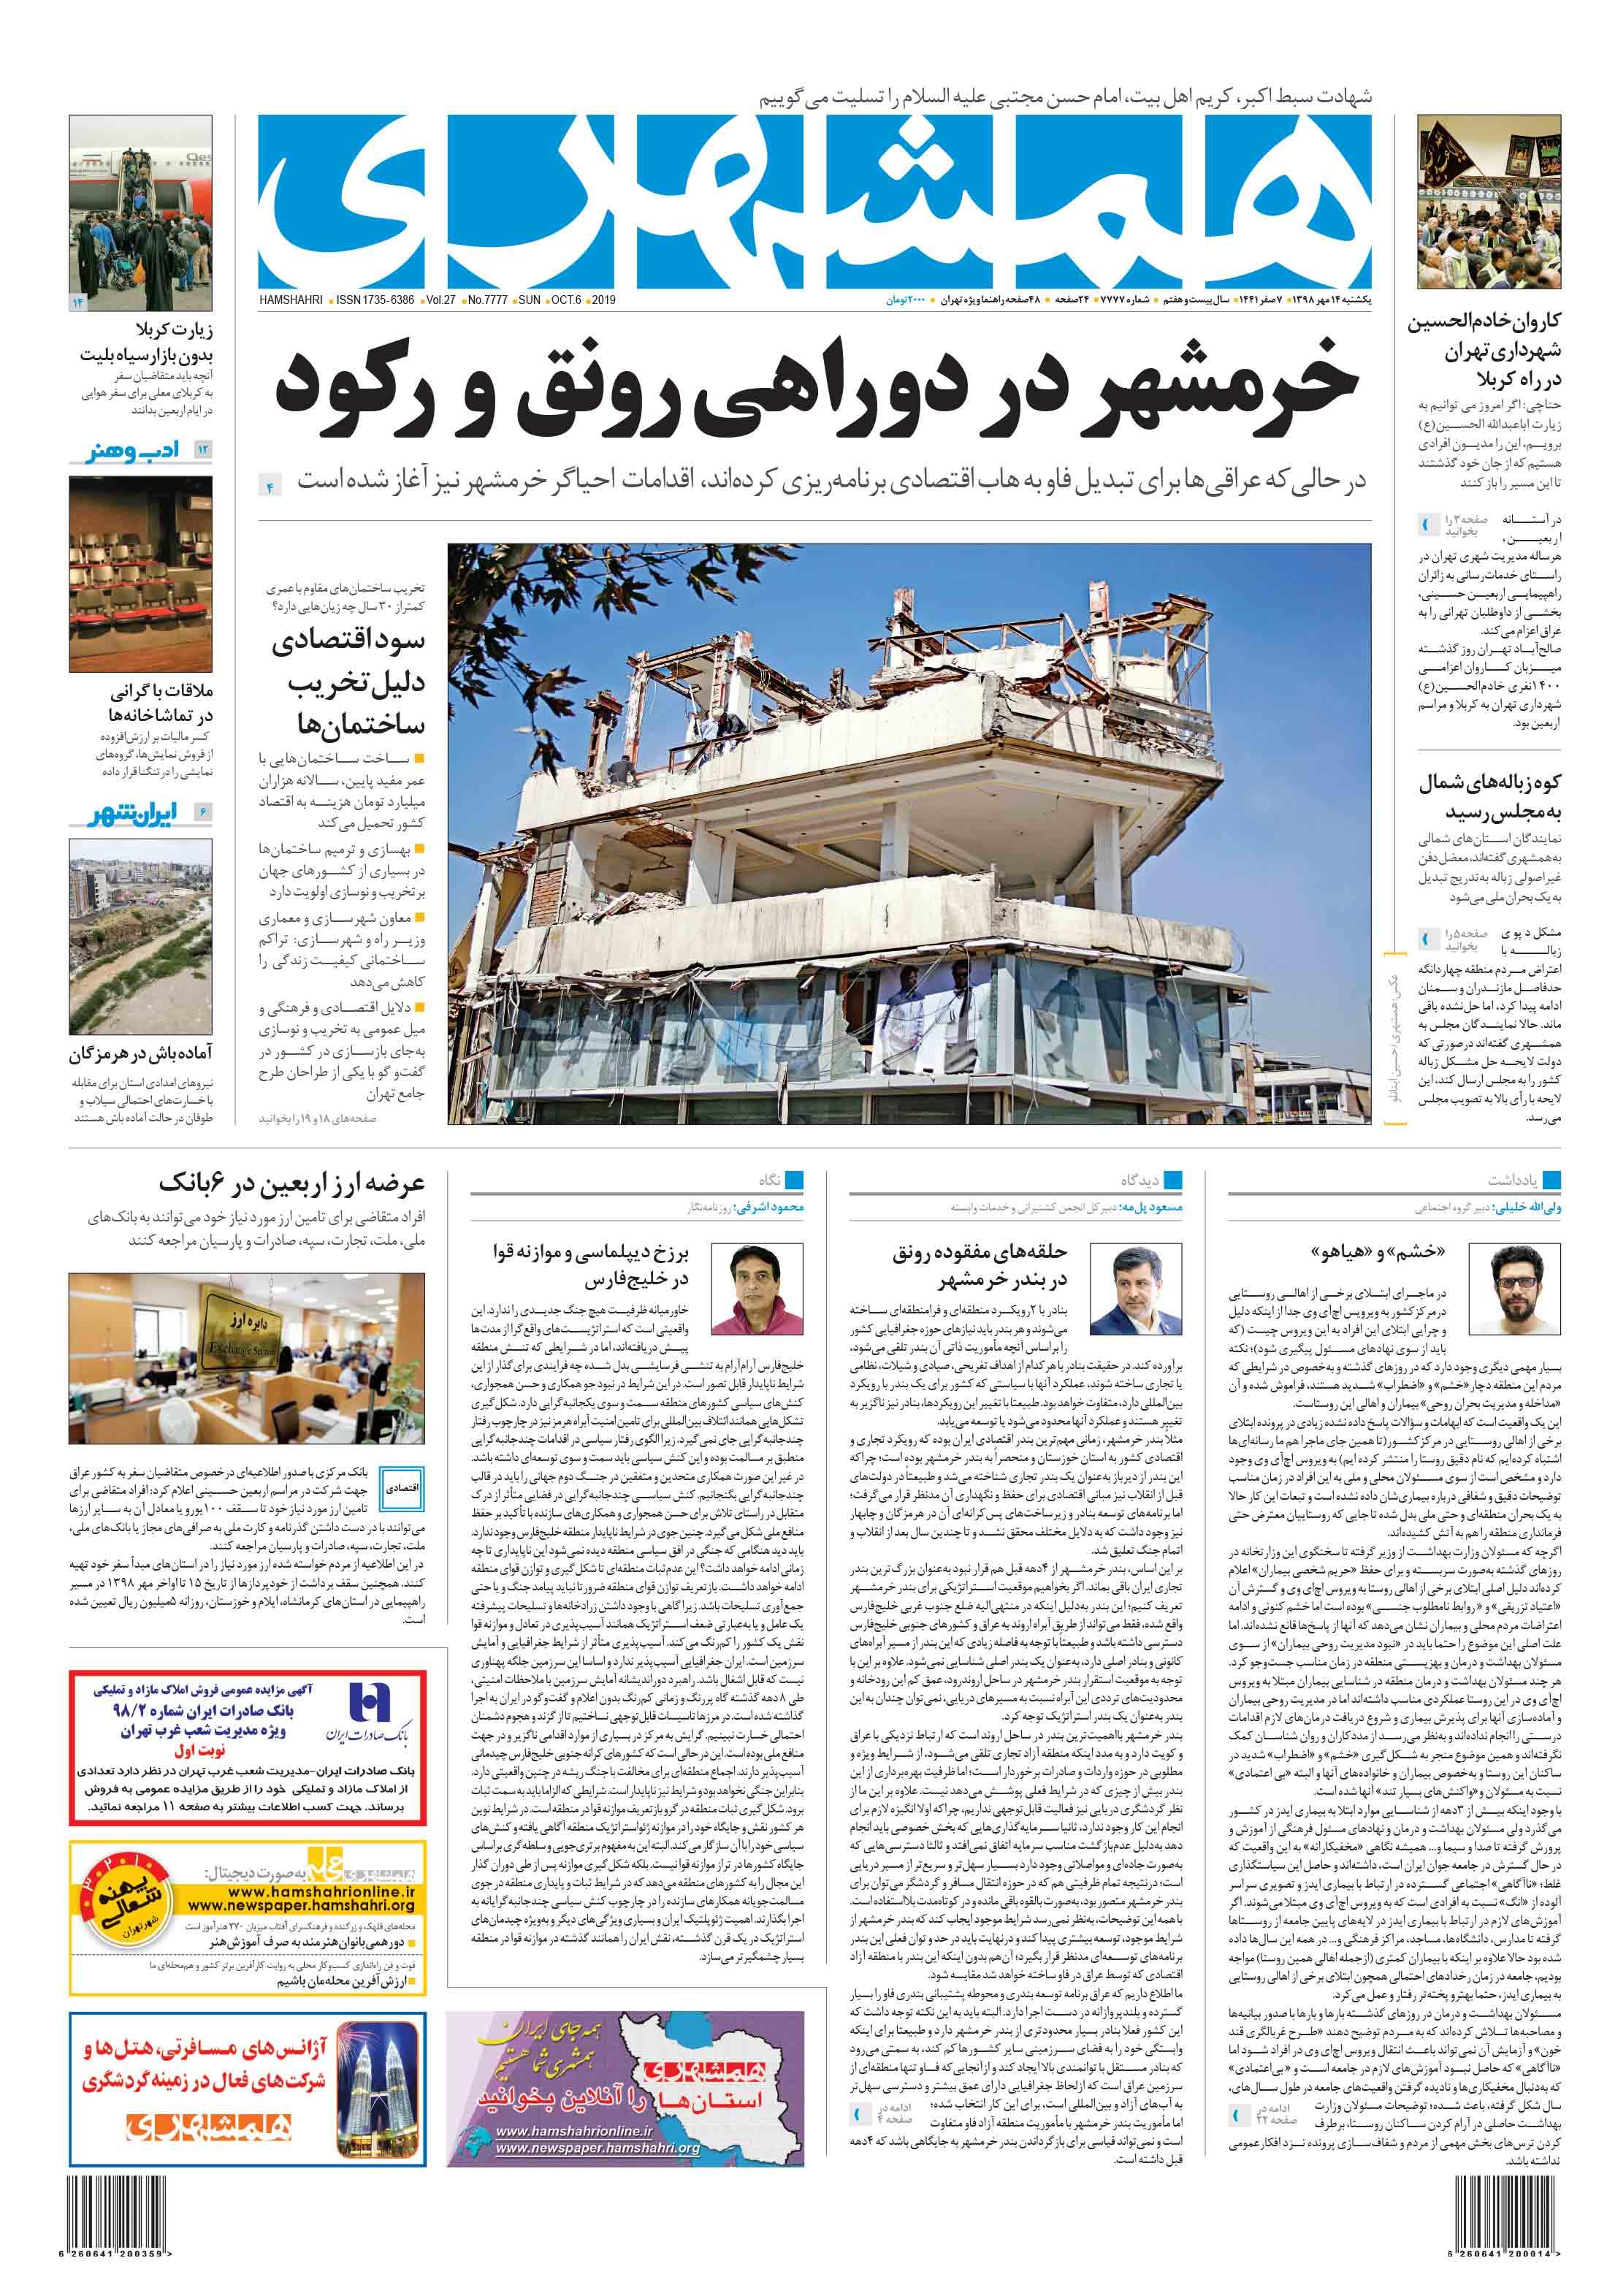 صفحه اول یکشنبه 14 مهر 1398